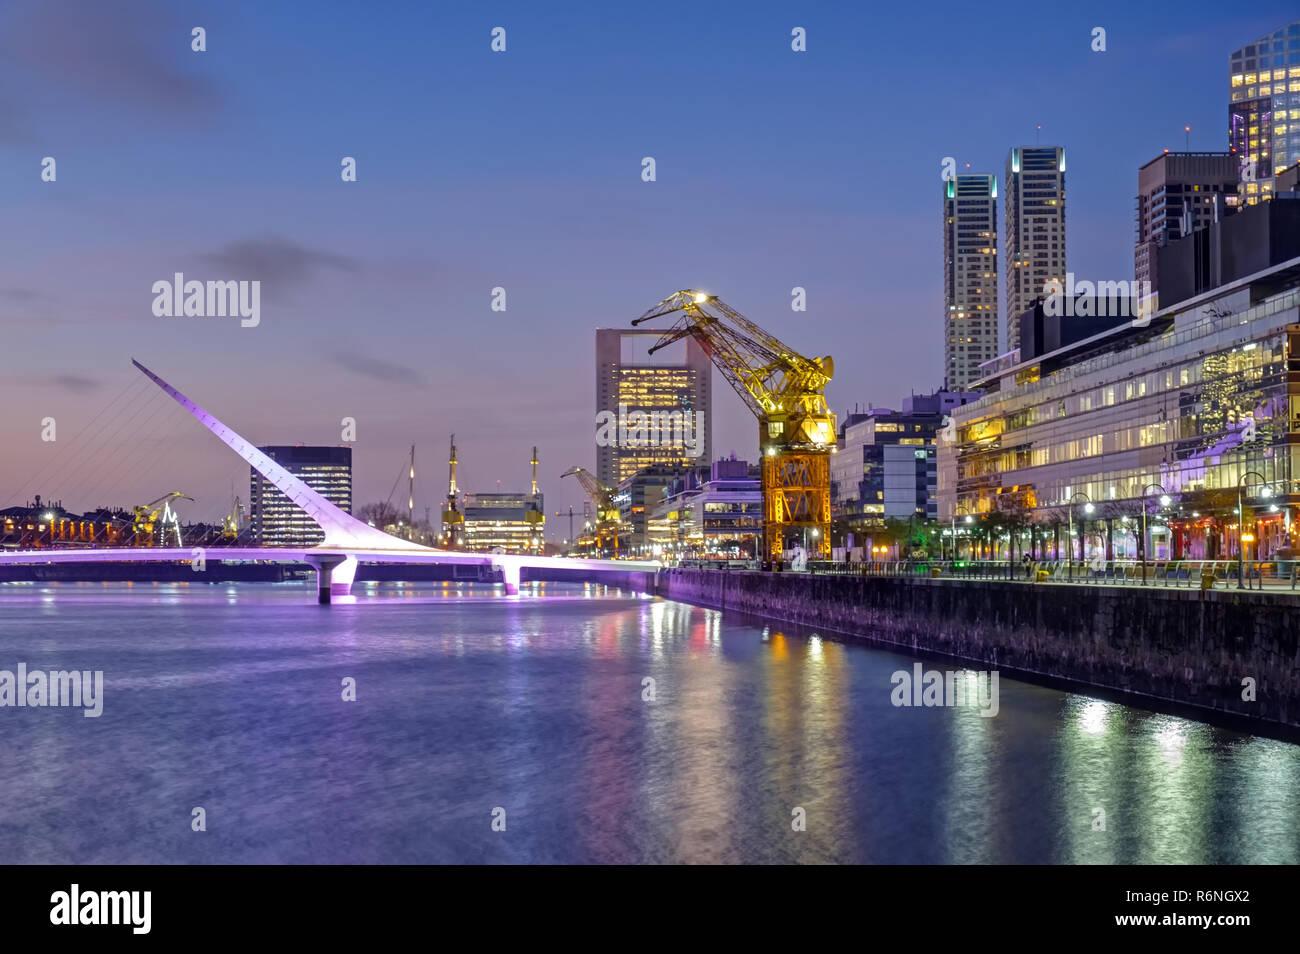 Puerto Madero mit der Puente de la Mujer in Buenos Aires, Argentinien, in der Abenddämmerung Stock Photo